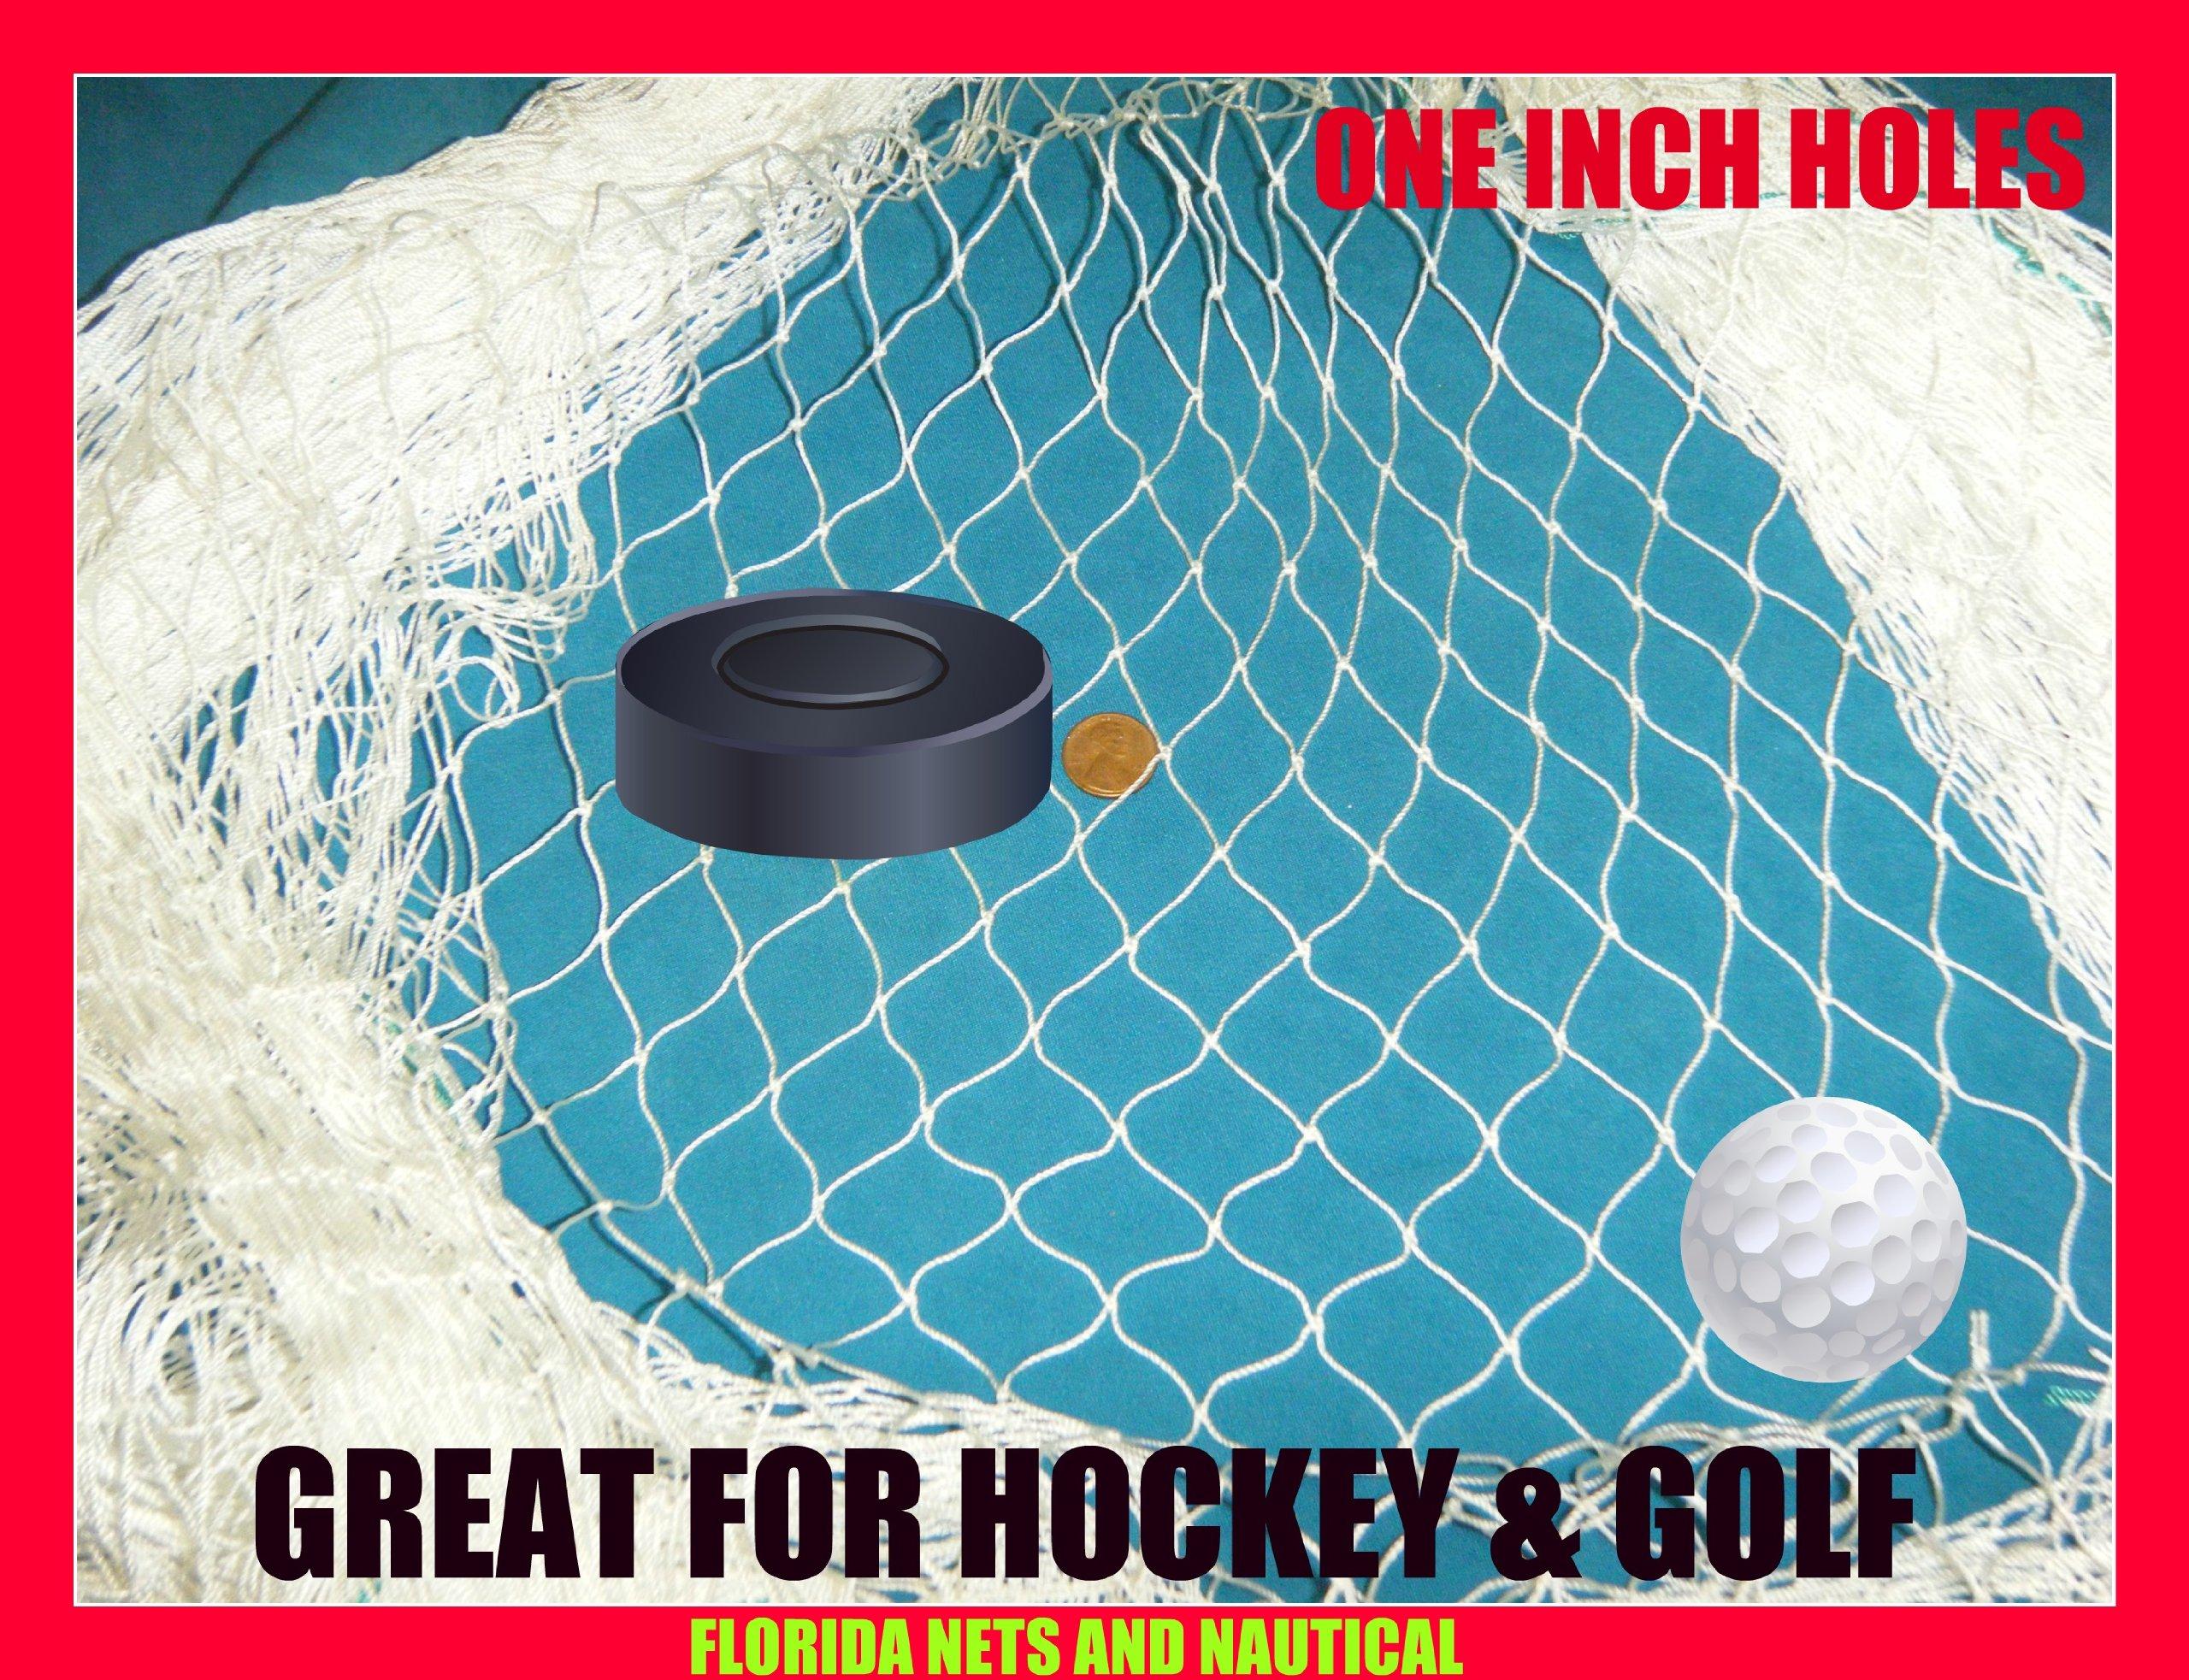 10 X 25 Fishing Net, Netting, Fish Net for Golf Backstop, Hockey, La Crosse, Barrier, Sports